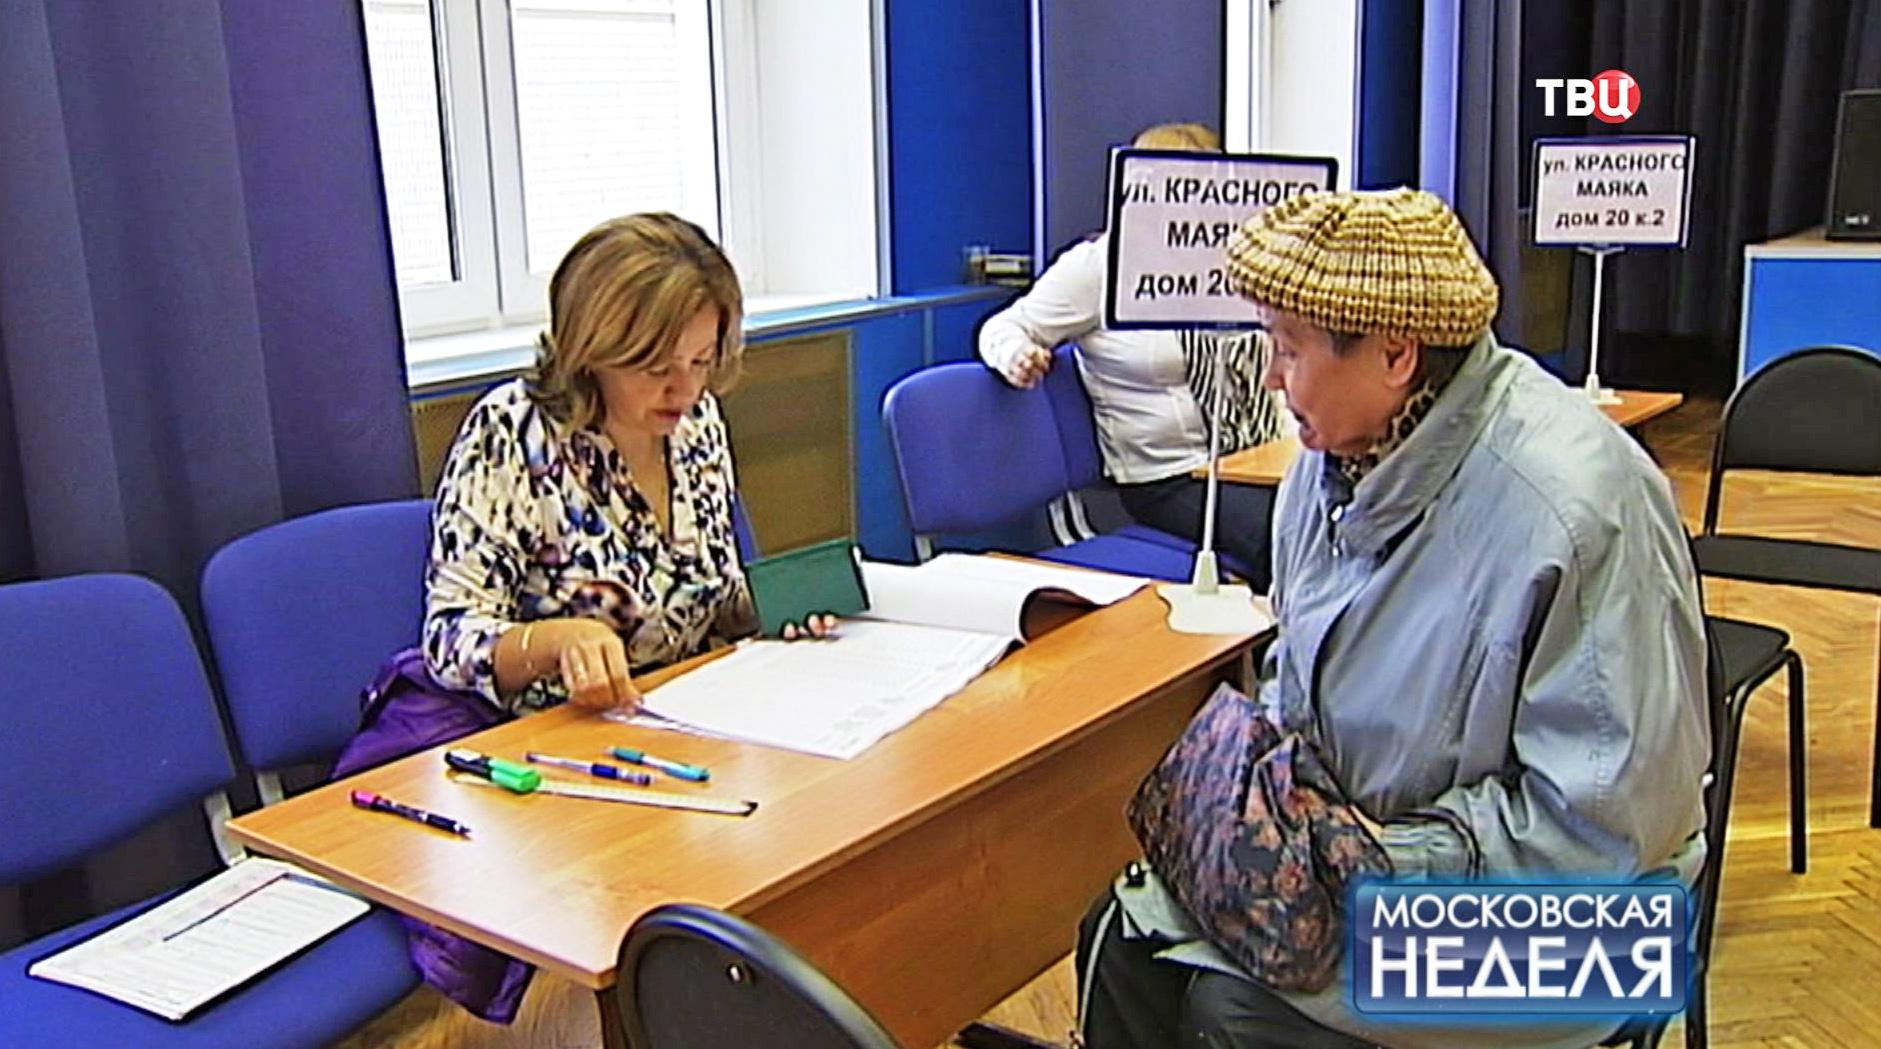 Выборы депутатов Мосгордумы